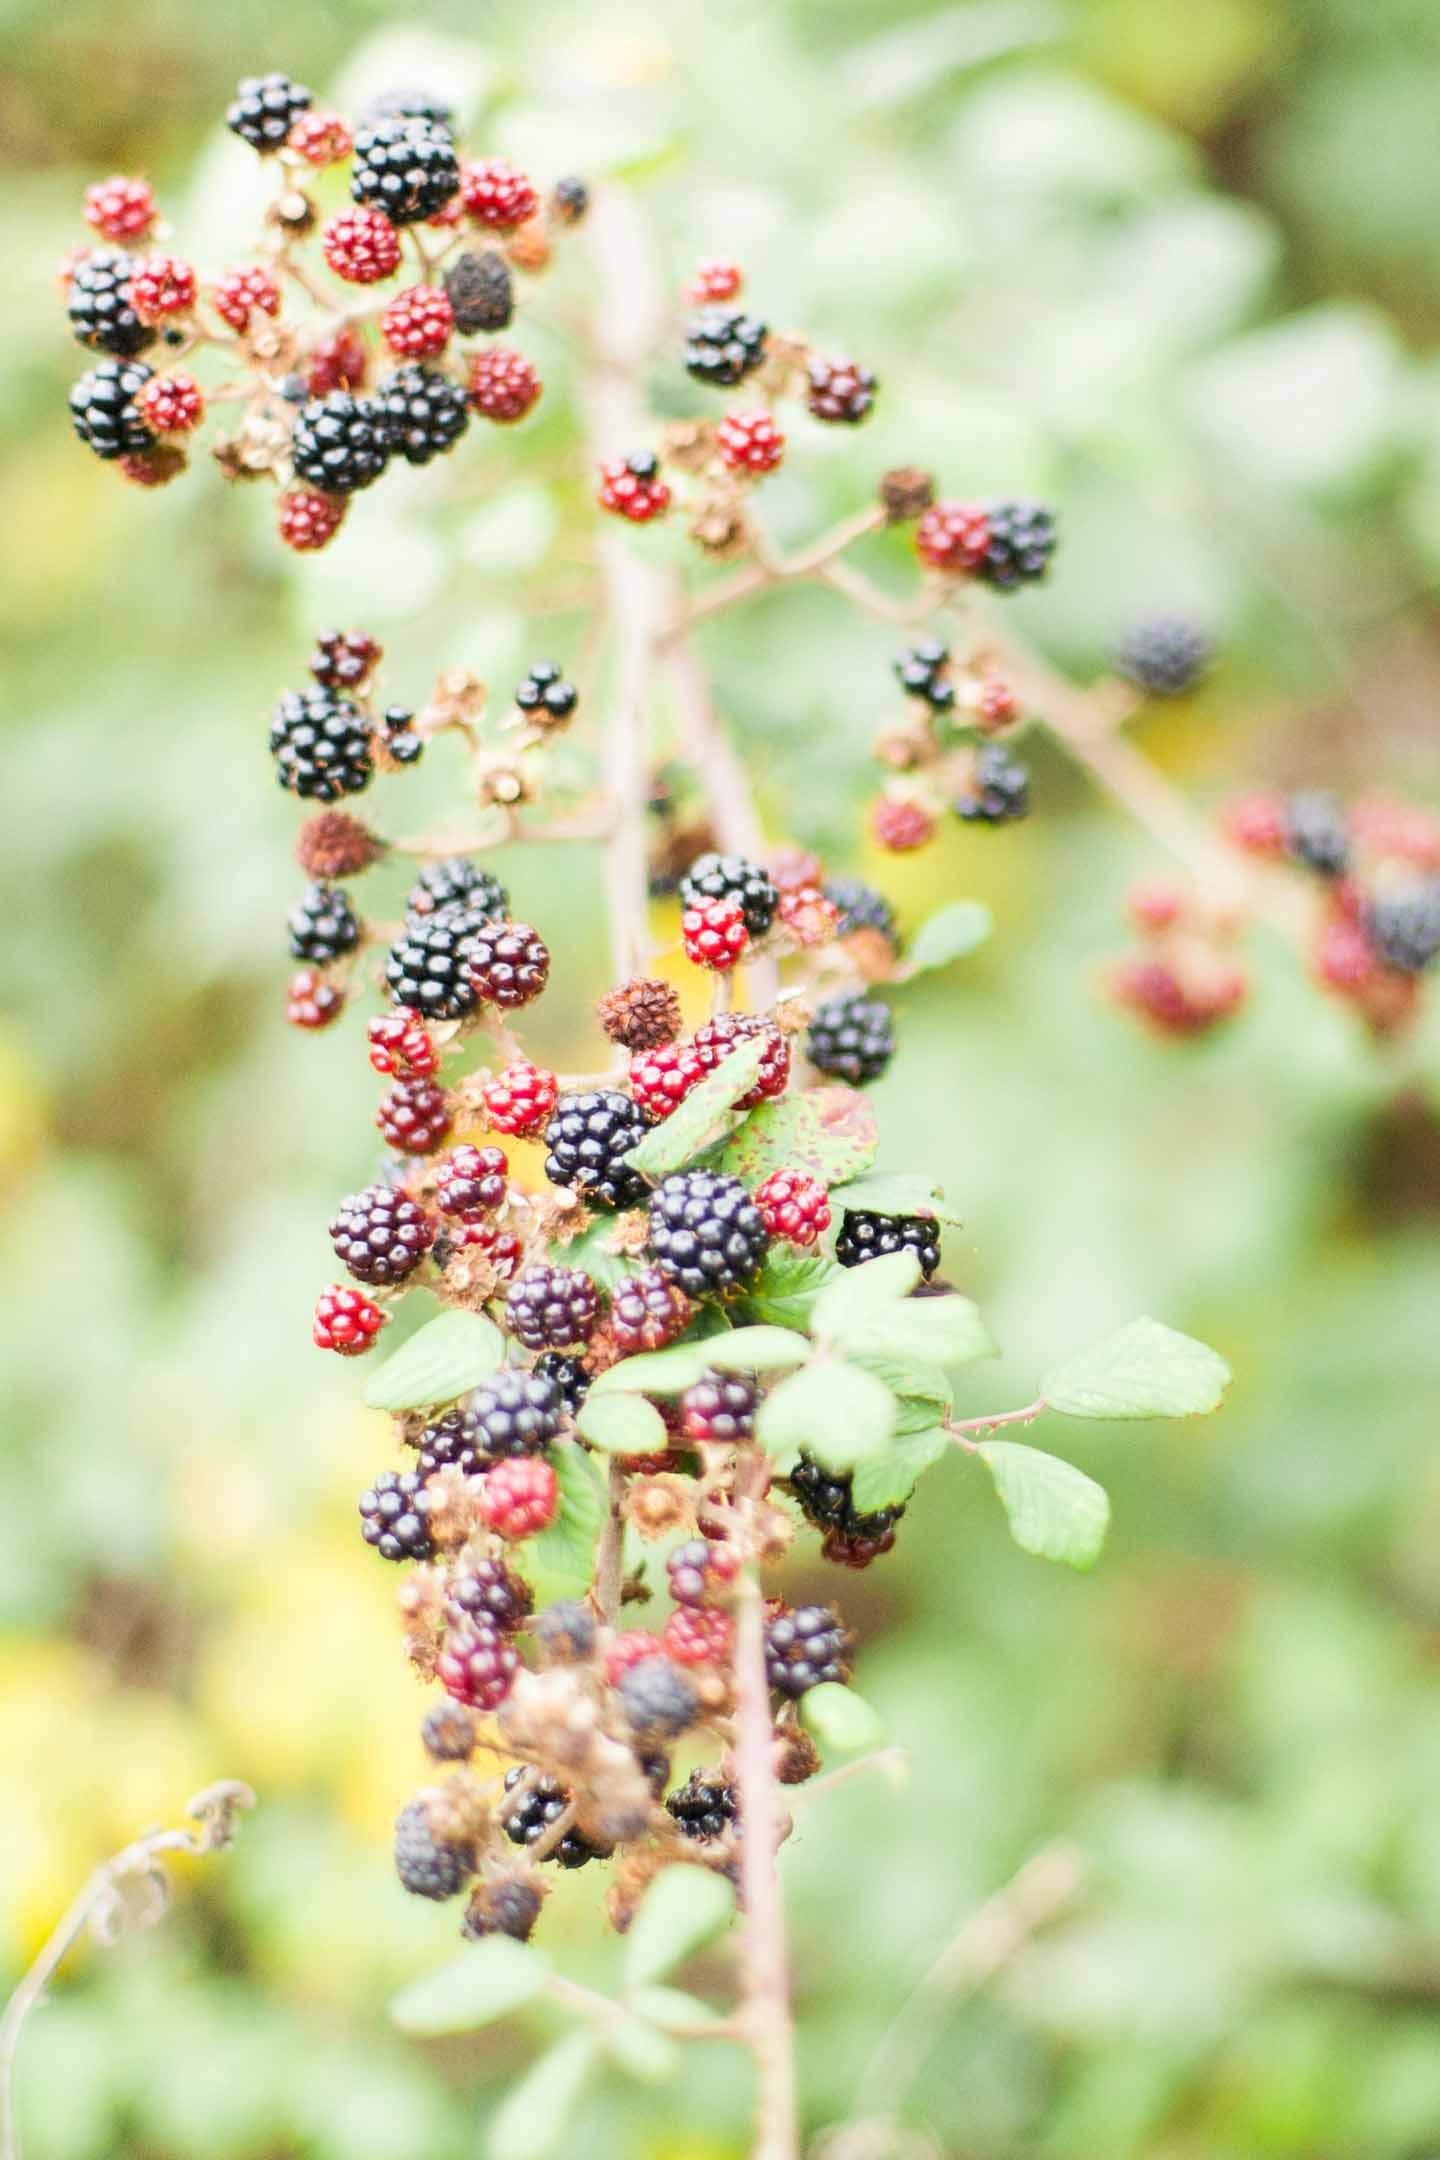 autumn_walk_somerset_liz_baker_photography-5-of-5